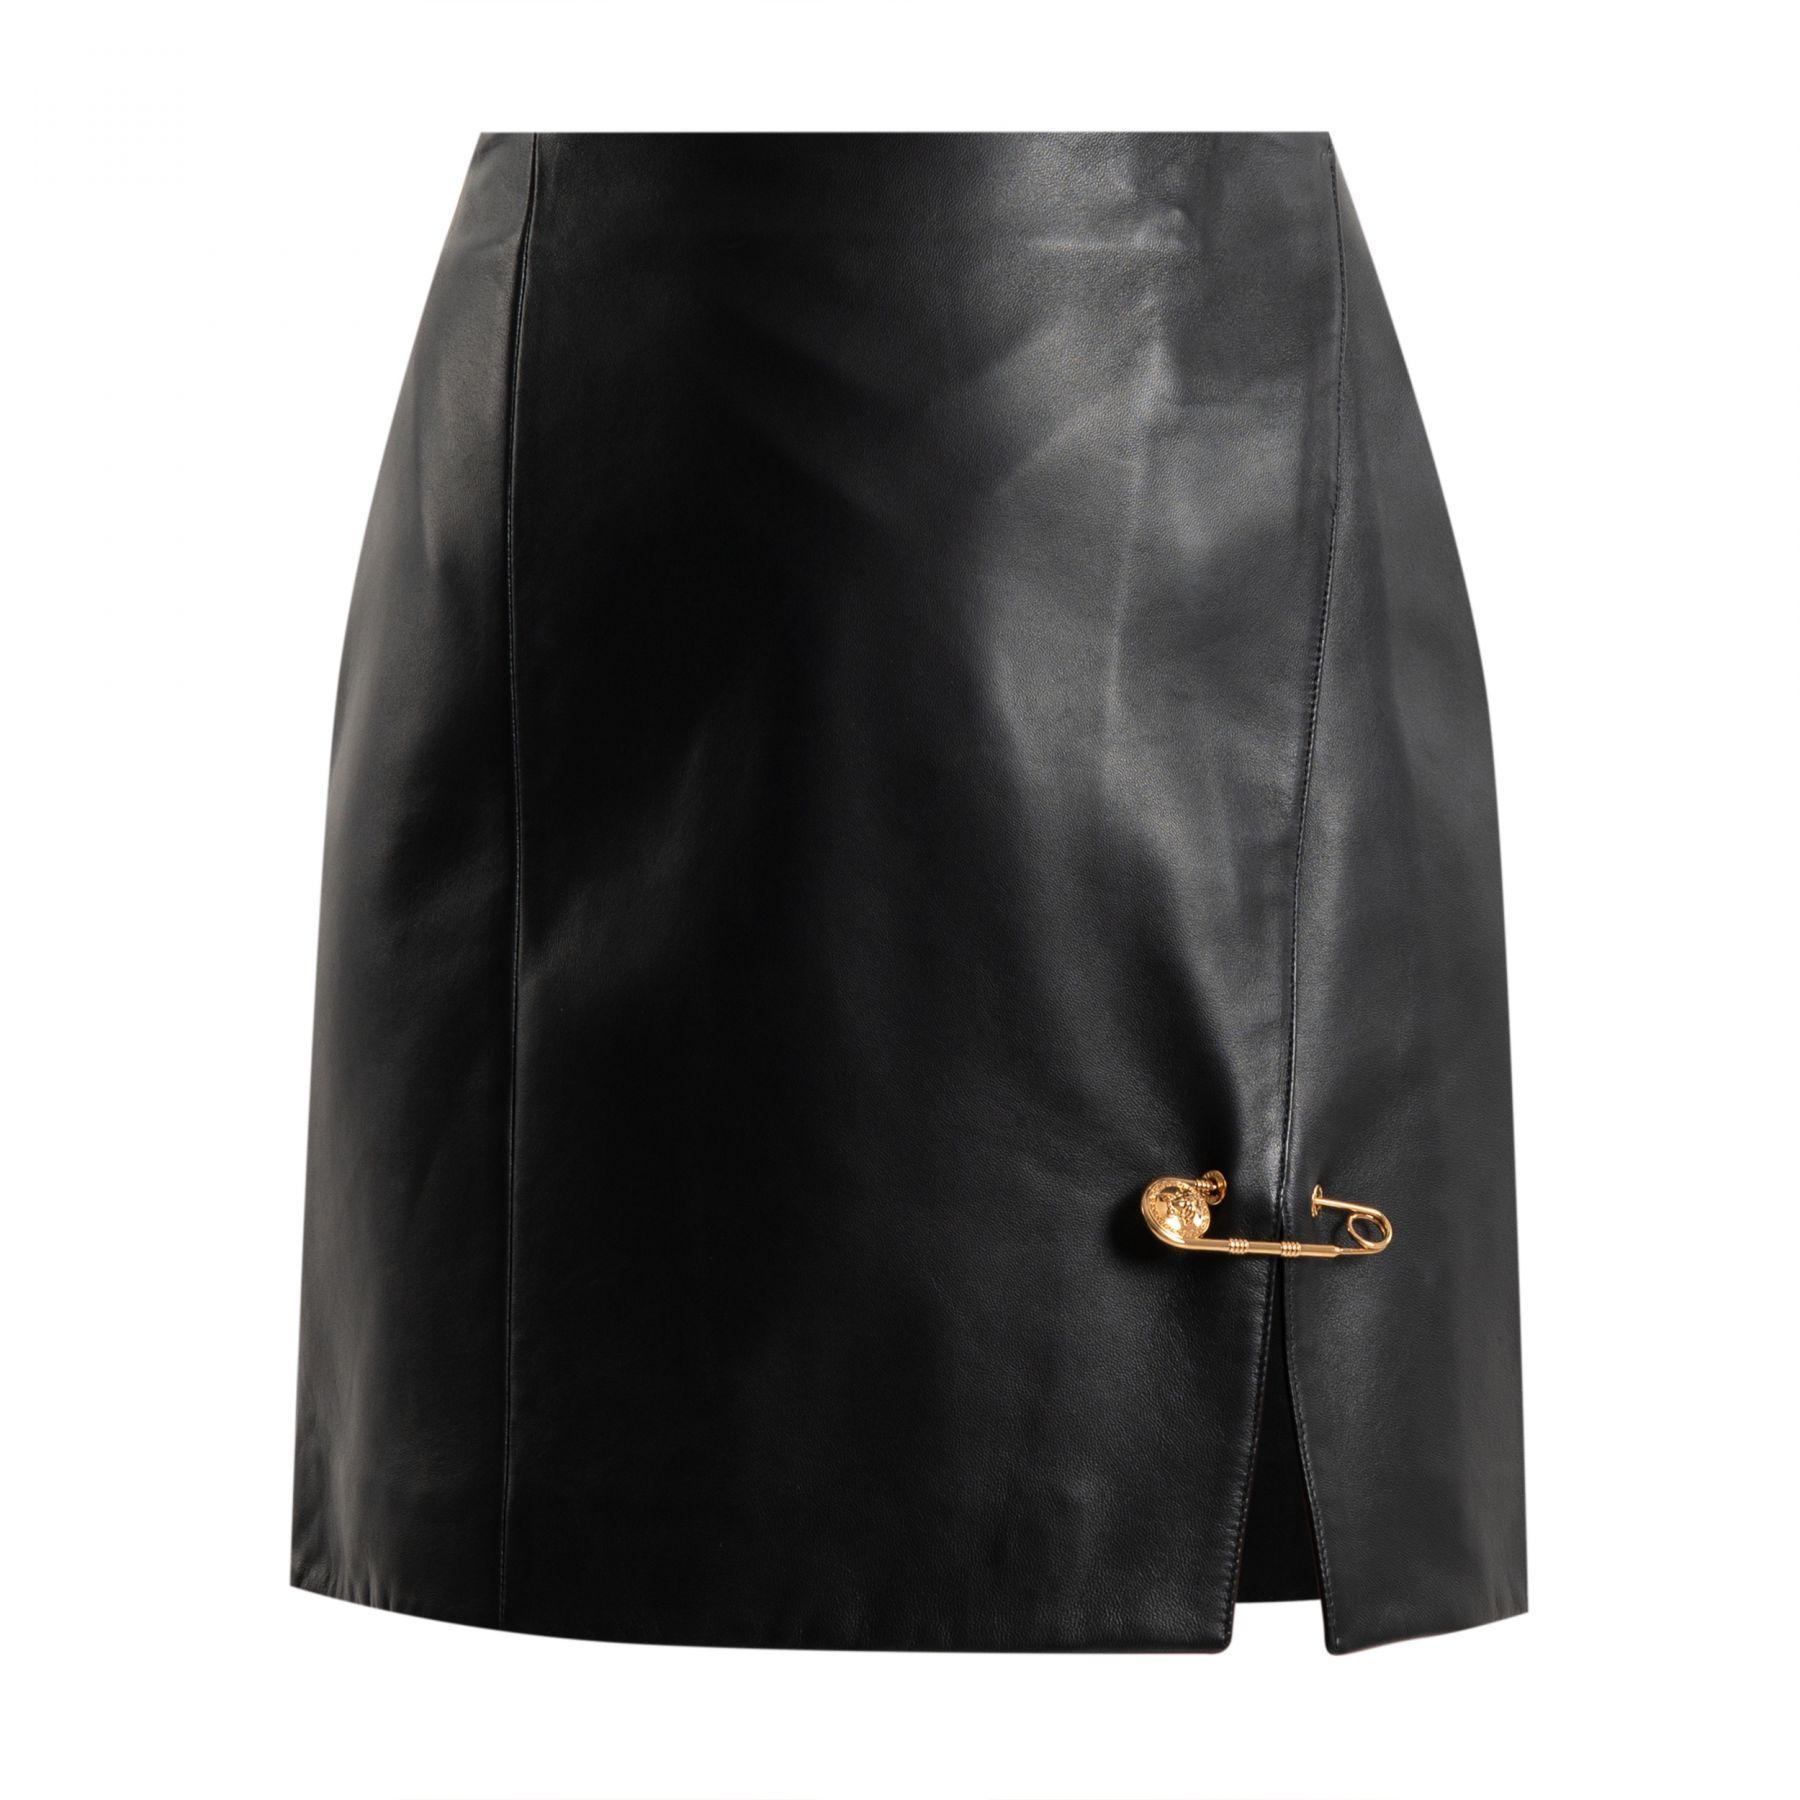 Юбка Versace черная